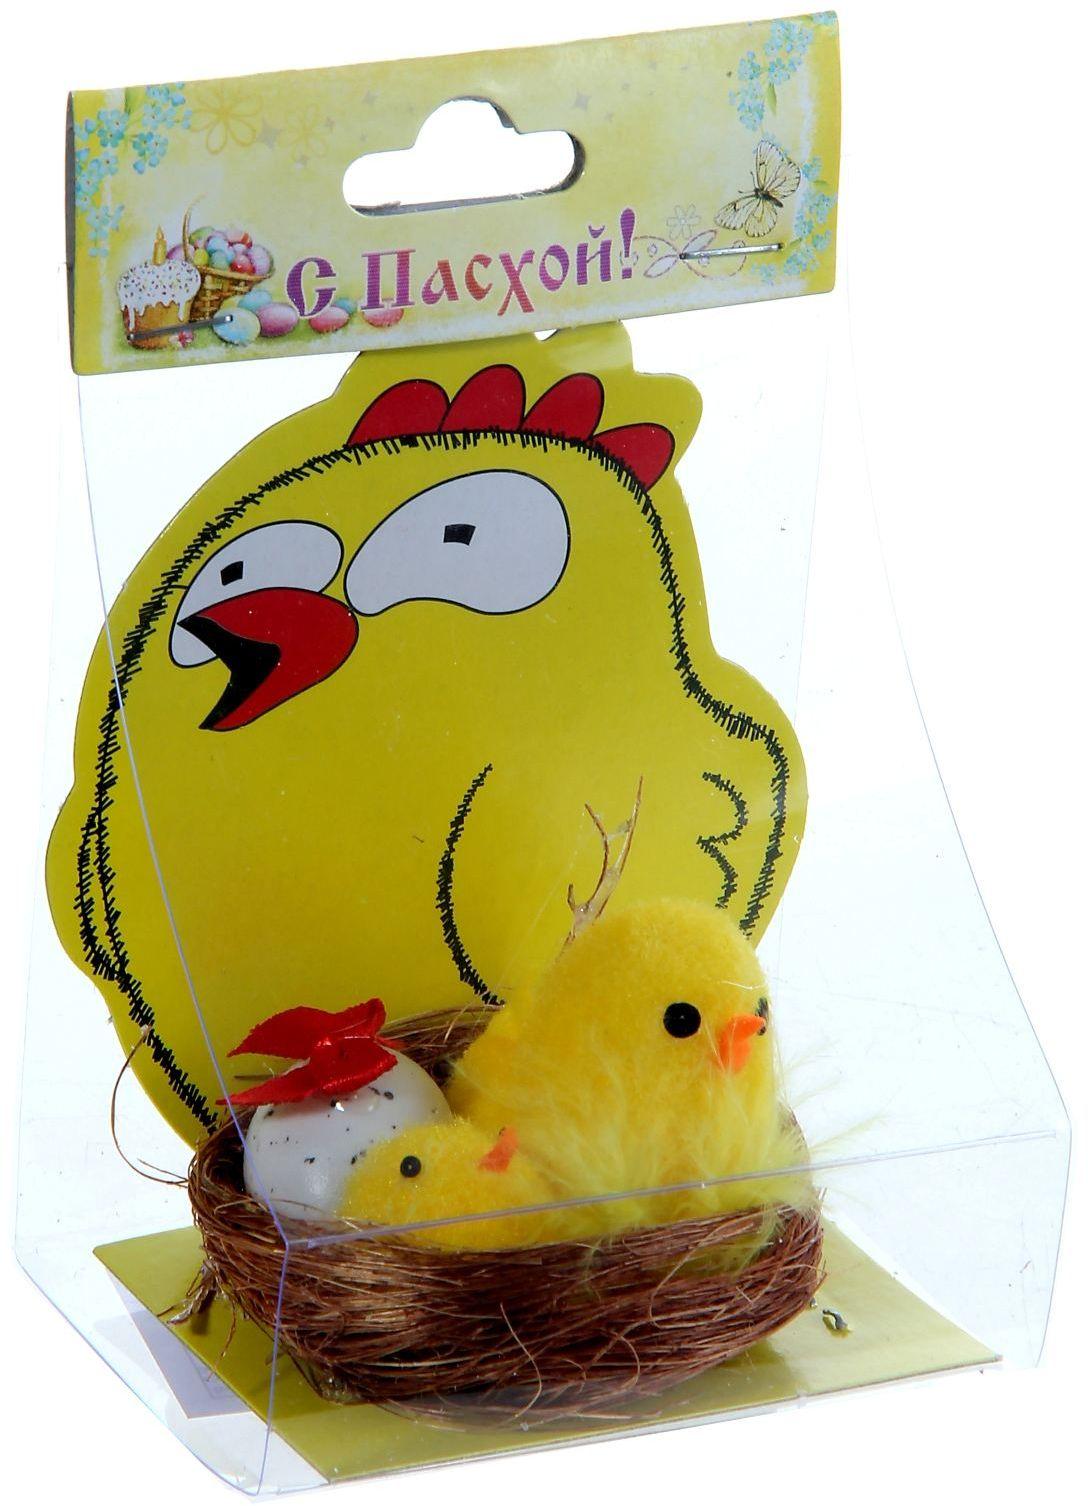 Сувенир пасхальный Sima-land Семейка цыплят, 5 х 5 х 4,5 см74-0120Сувенир Семейка цыплят — самый популярный пасхальный декор. Фигурками цып принято декорировать праздничный пасхальный стол во многих странах мира. Россия не исключение.Вы можете украсить таким замечательным сувениром тарелку гостей, превратив её в гнездо. Или преподнести его в качестве подарка близкому человеку. Удивите себя и родных!